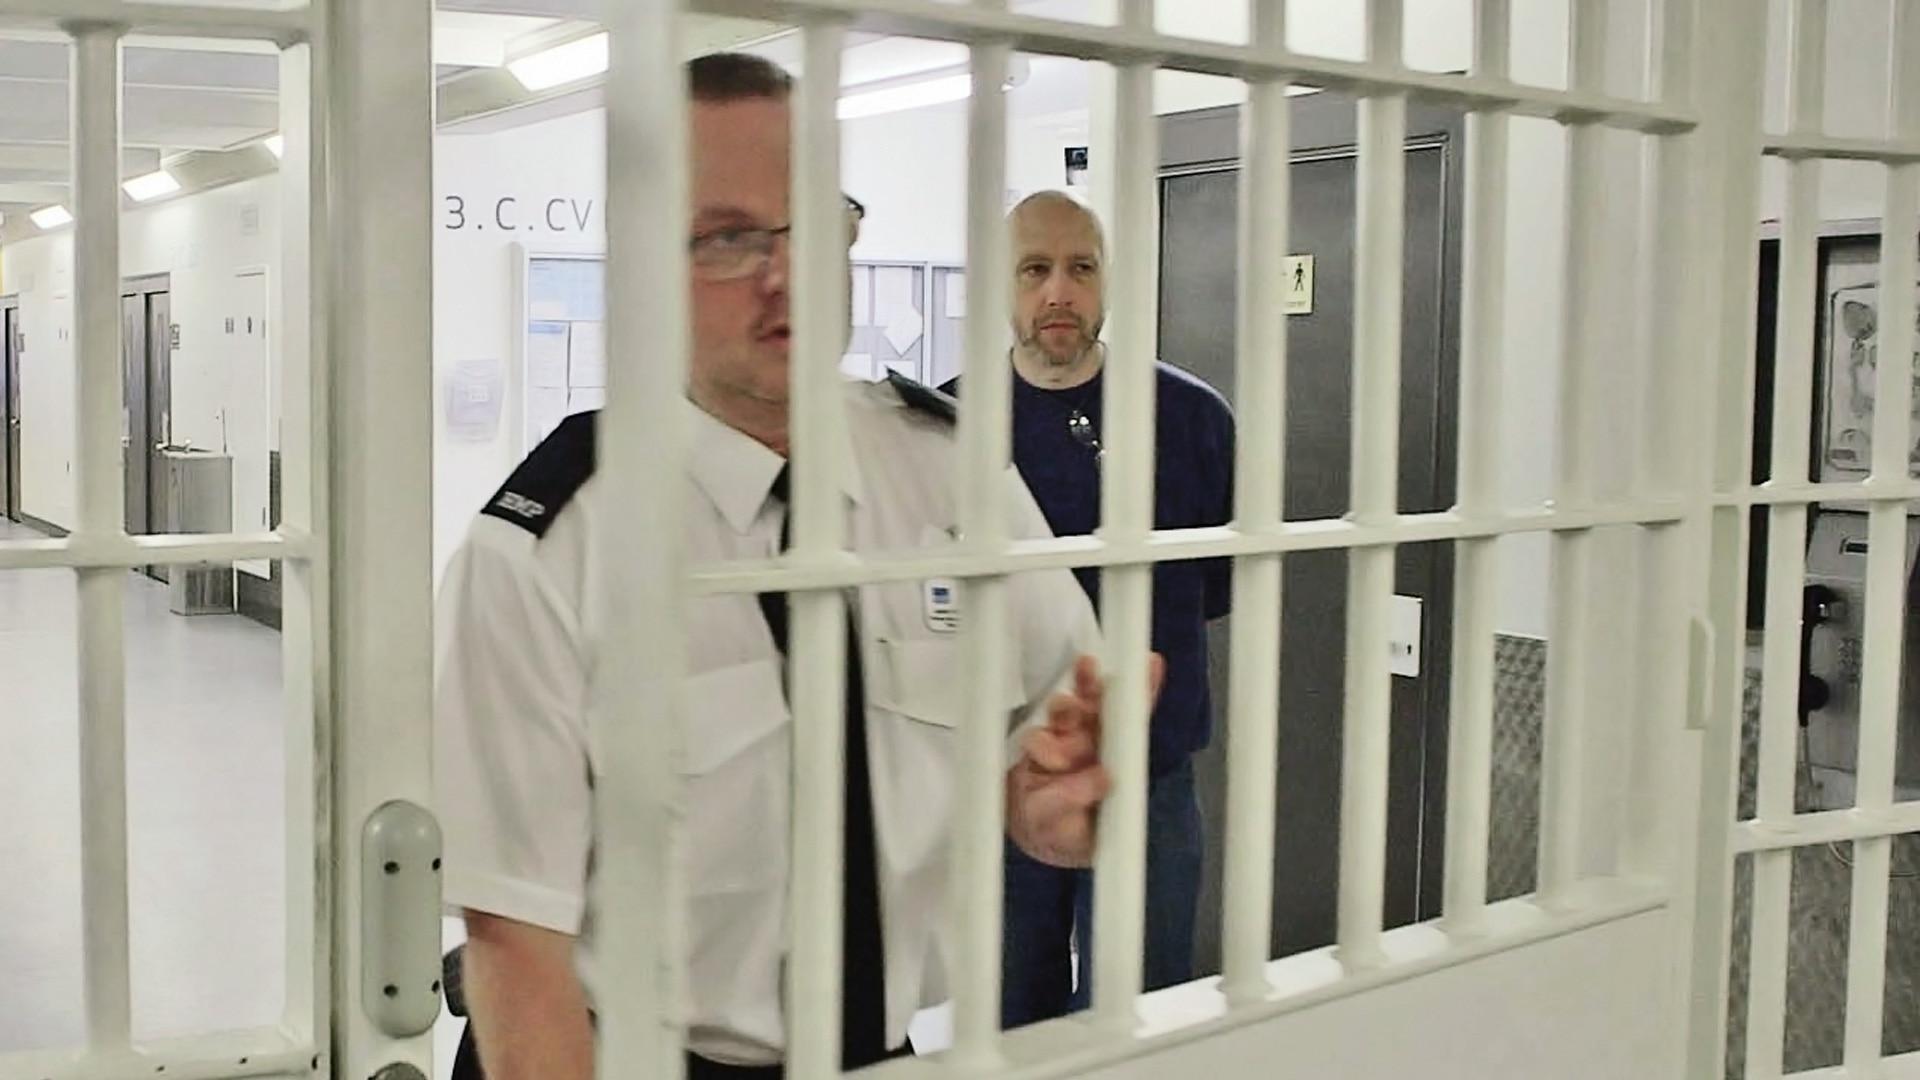 Life Behind Bars: Visiting Hour